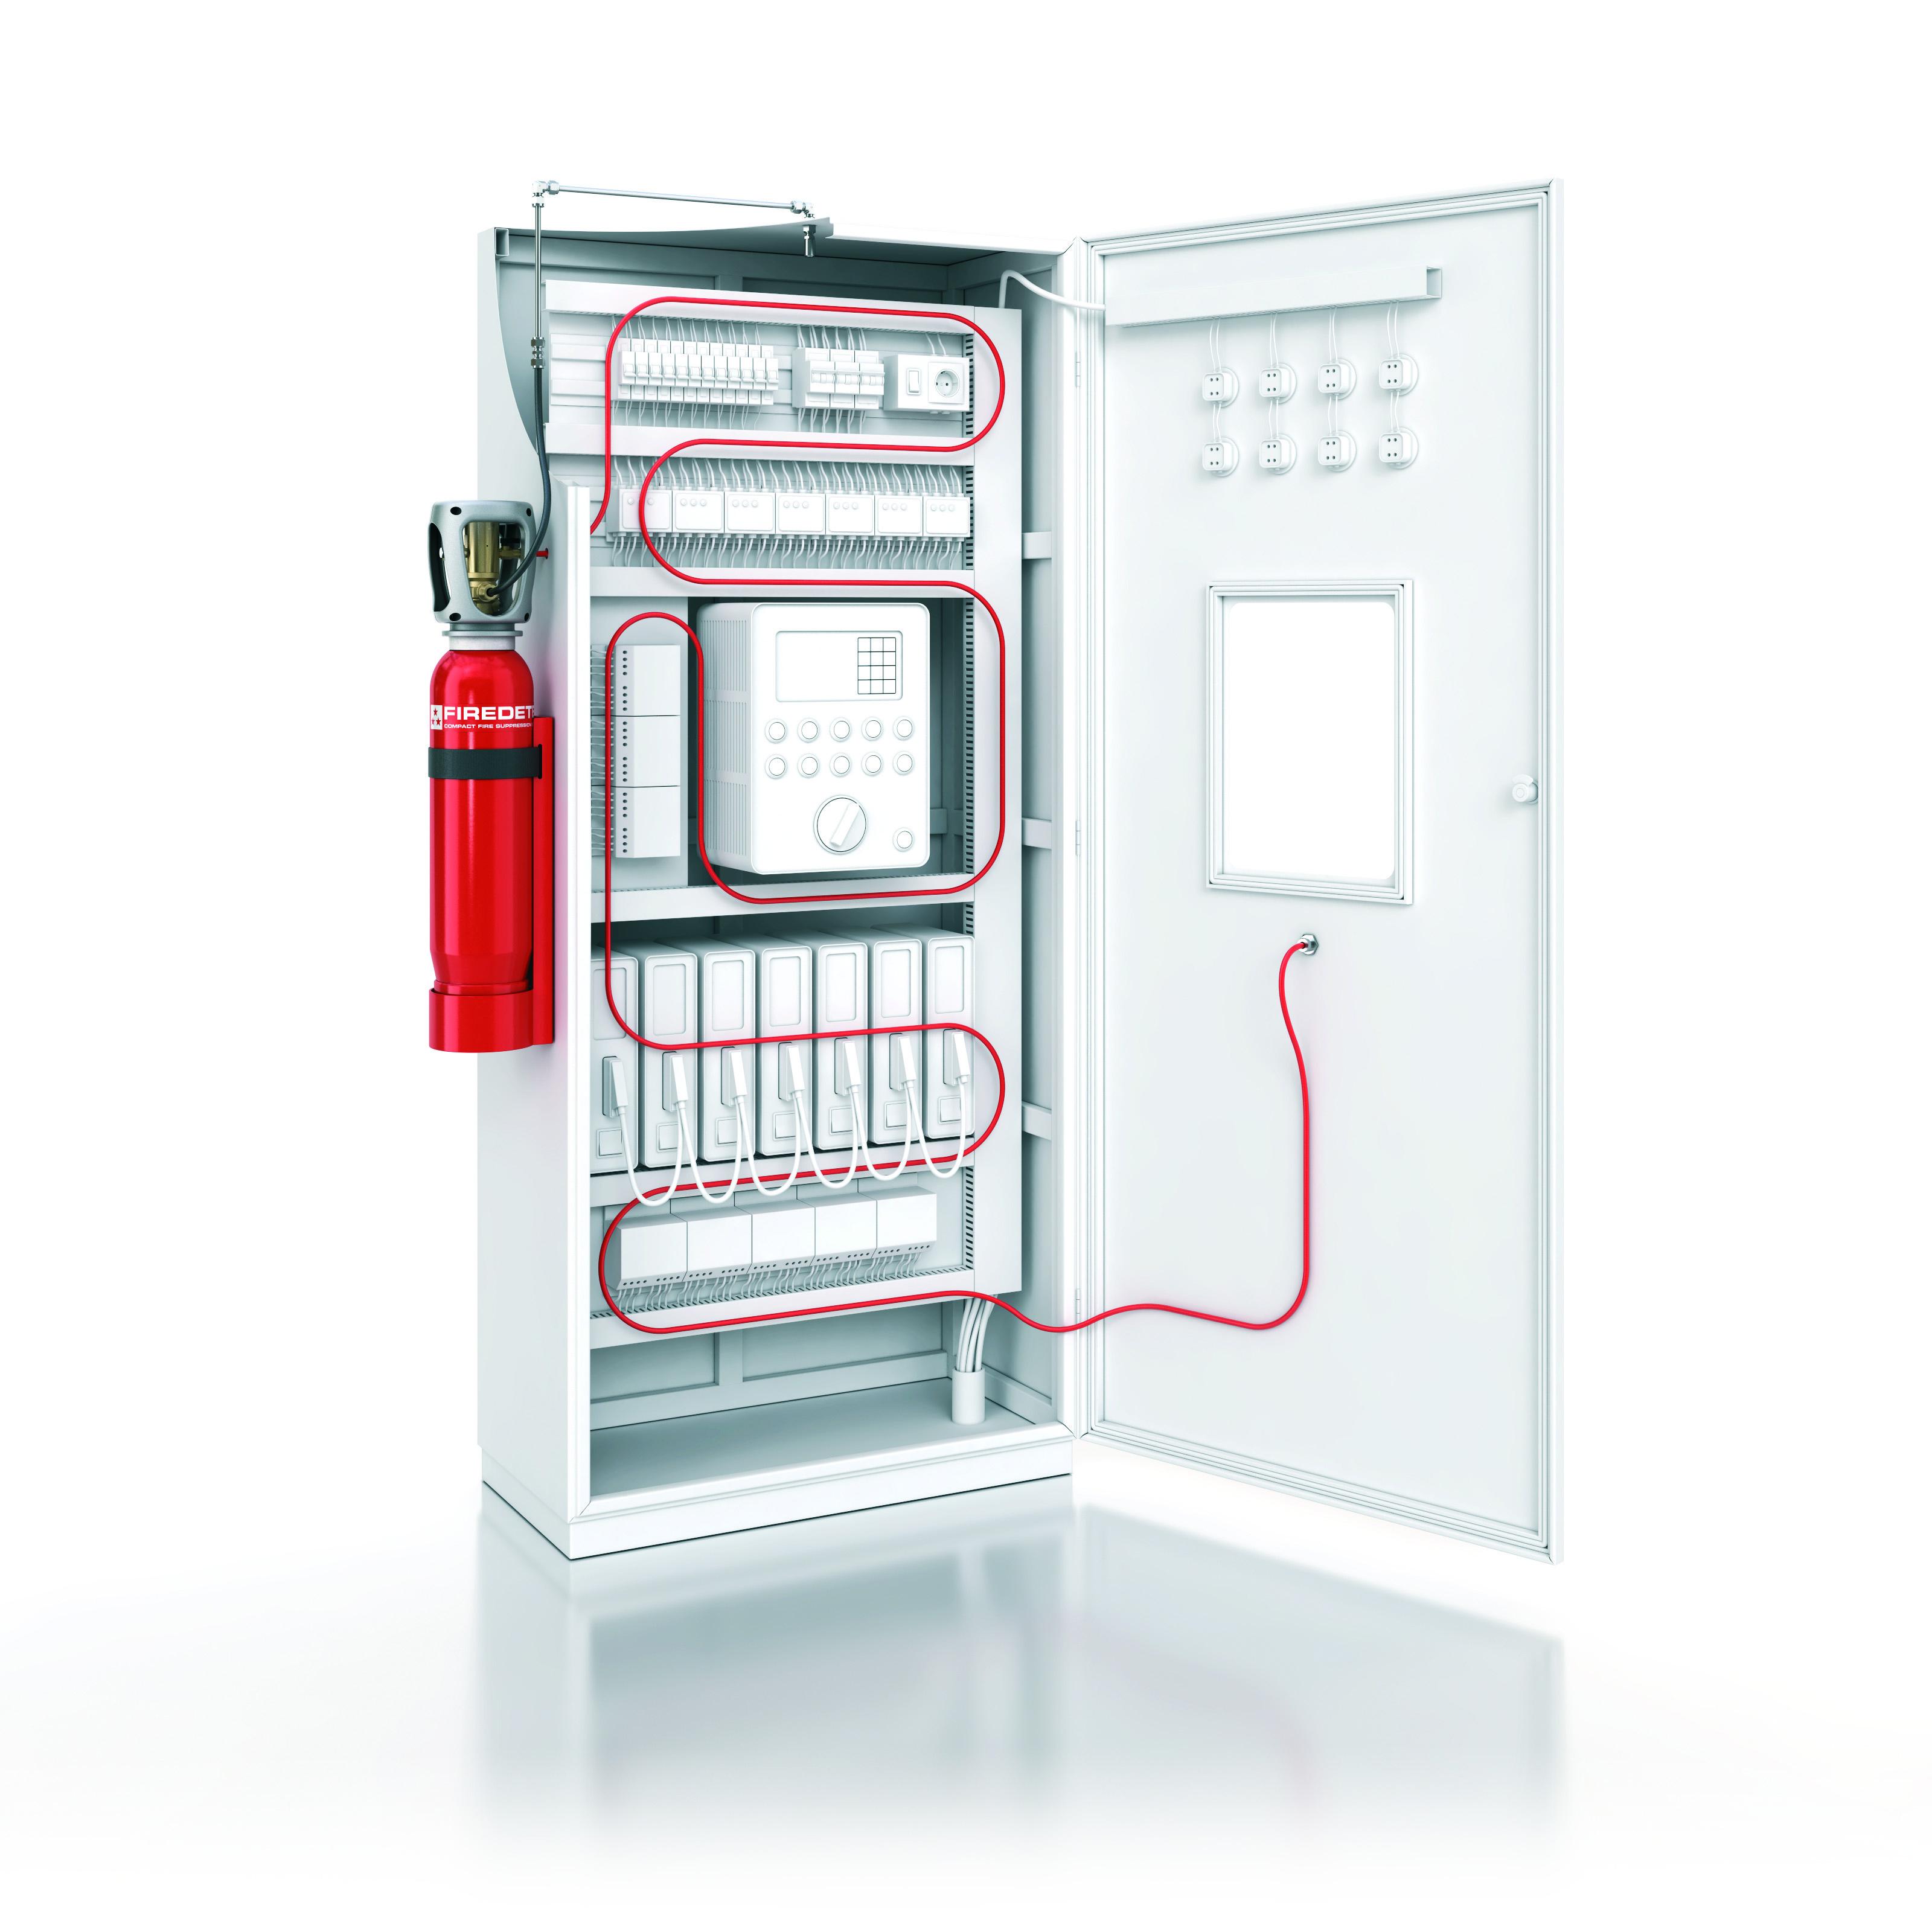 syst me de protection incendie pour armoire lectrique la s curit incendie. Black Bedroom Furniture Sets. Home Design Ideas